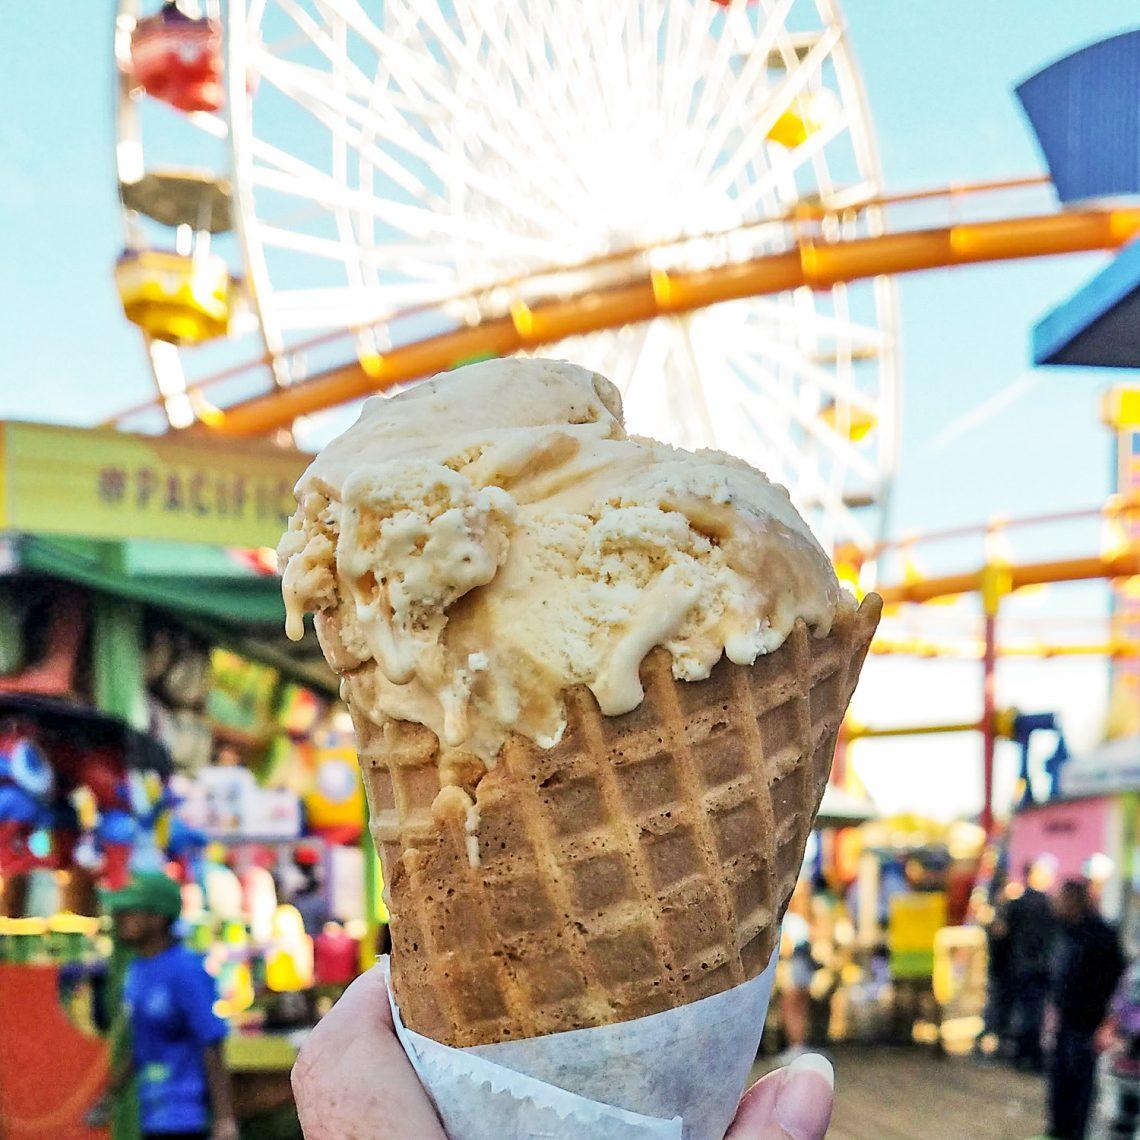 2 Days in LA Santa Monica Pier Ice Cream